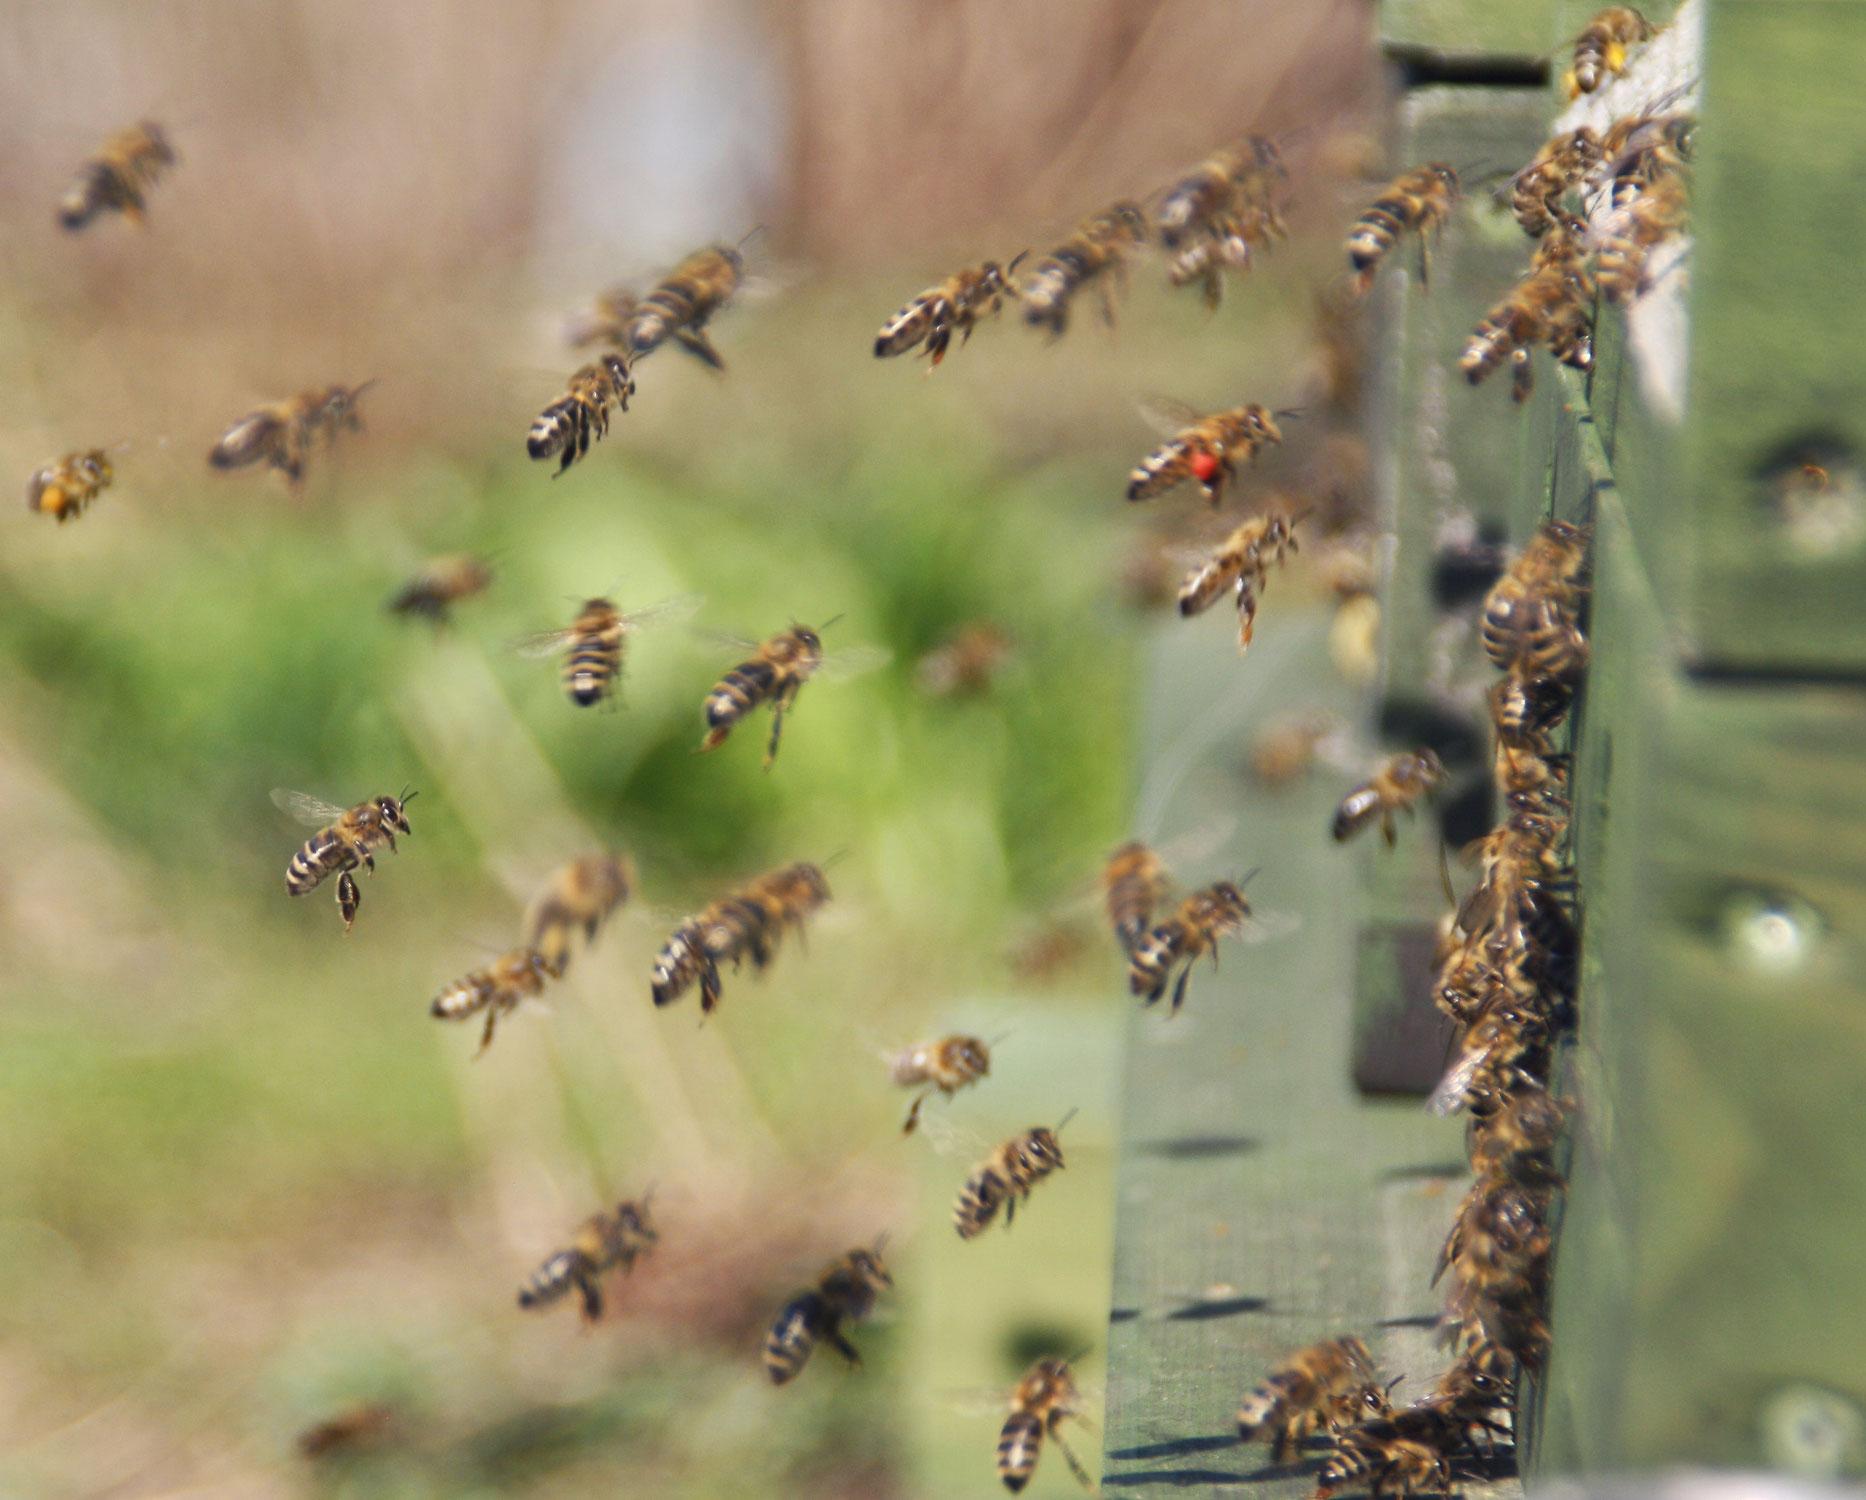 Bitte nicht: Insektenfütterung